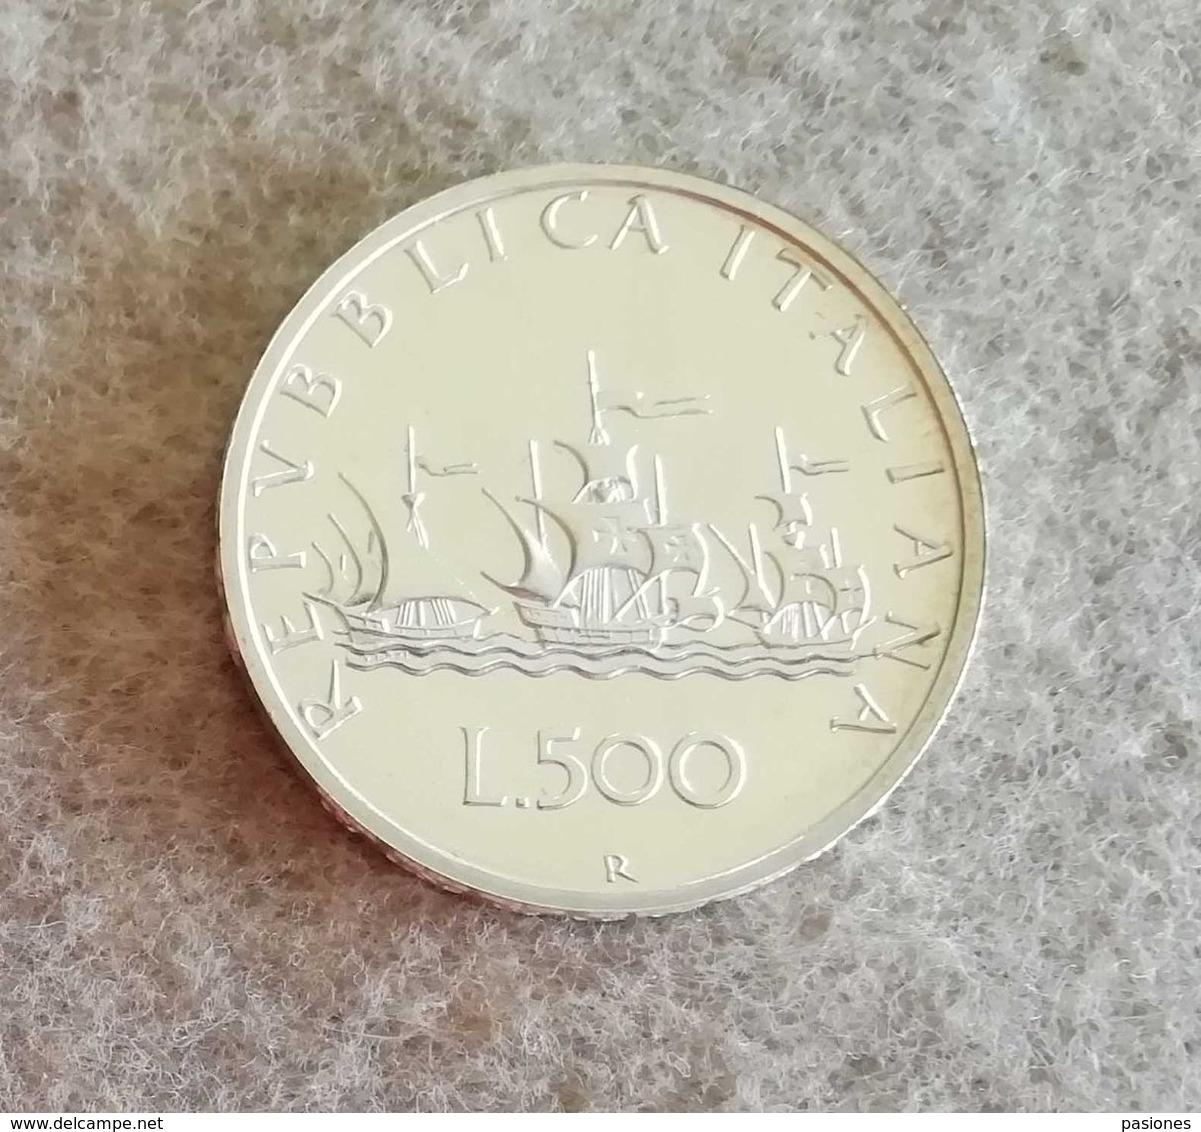 Repubblica Italiana 500 Lire 2000 - 500 Liras